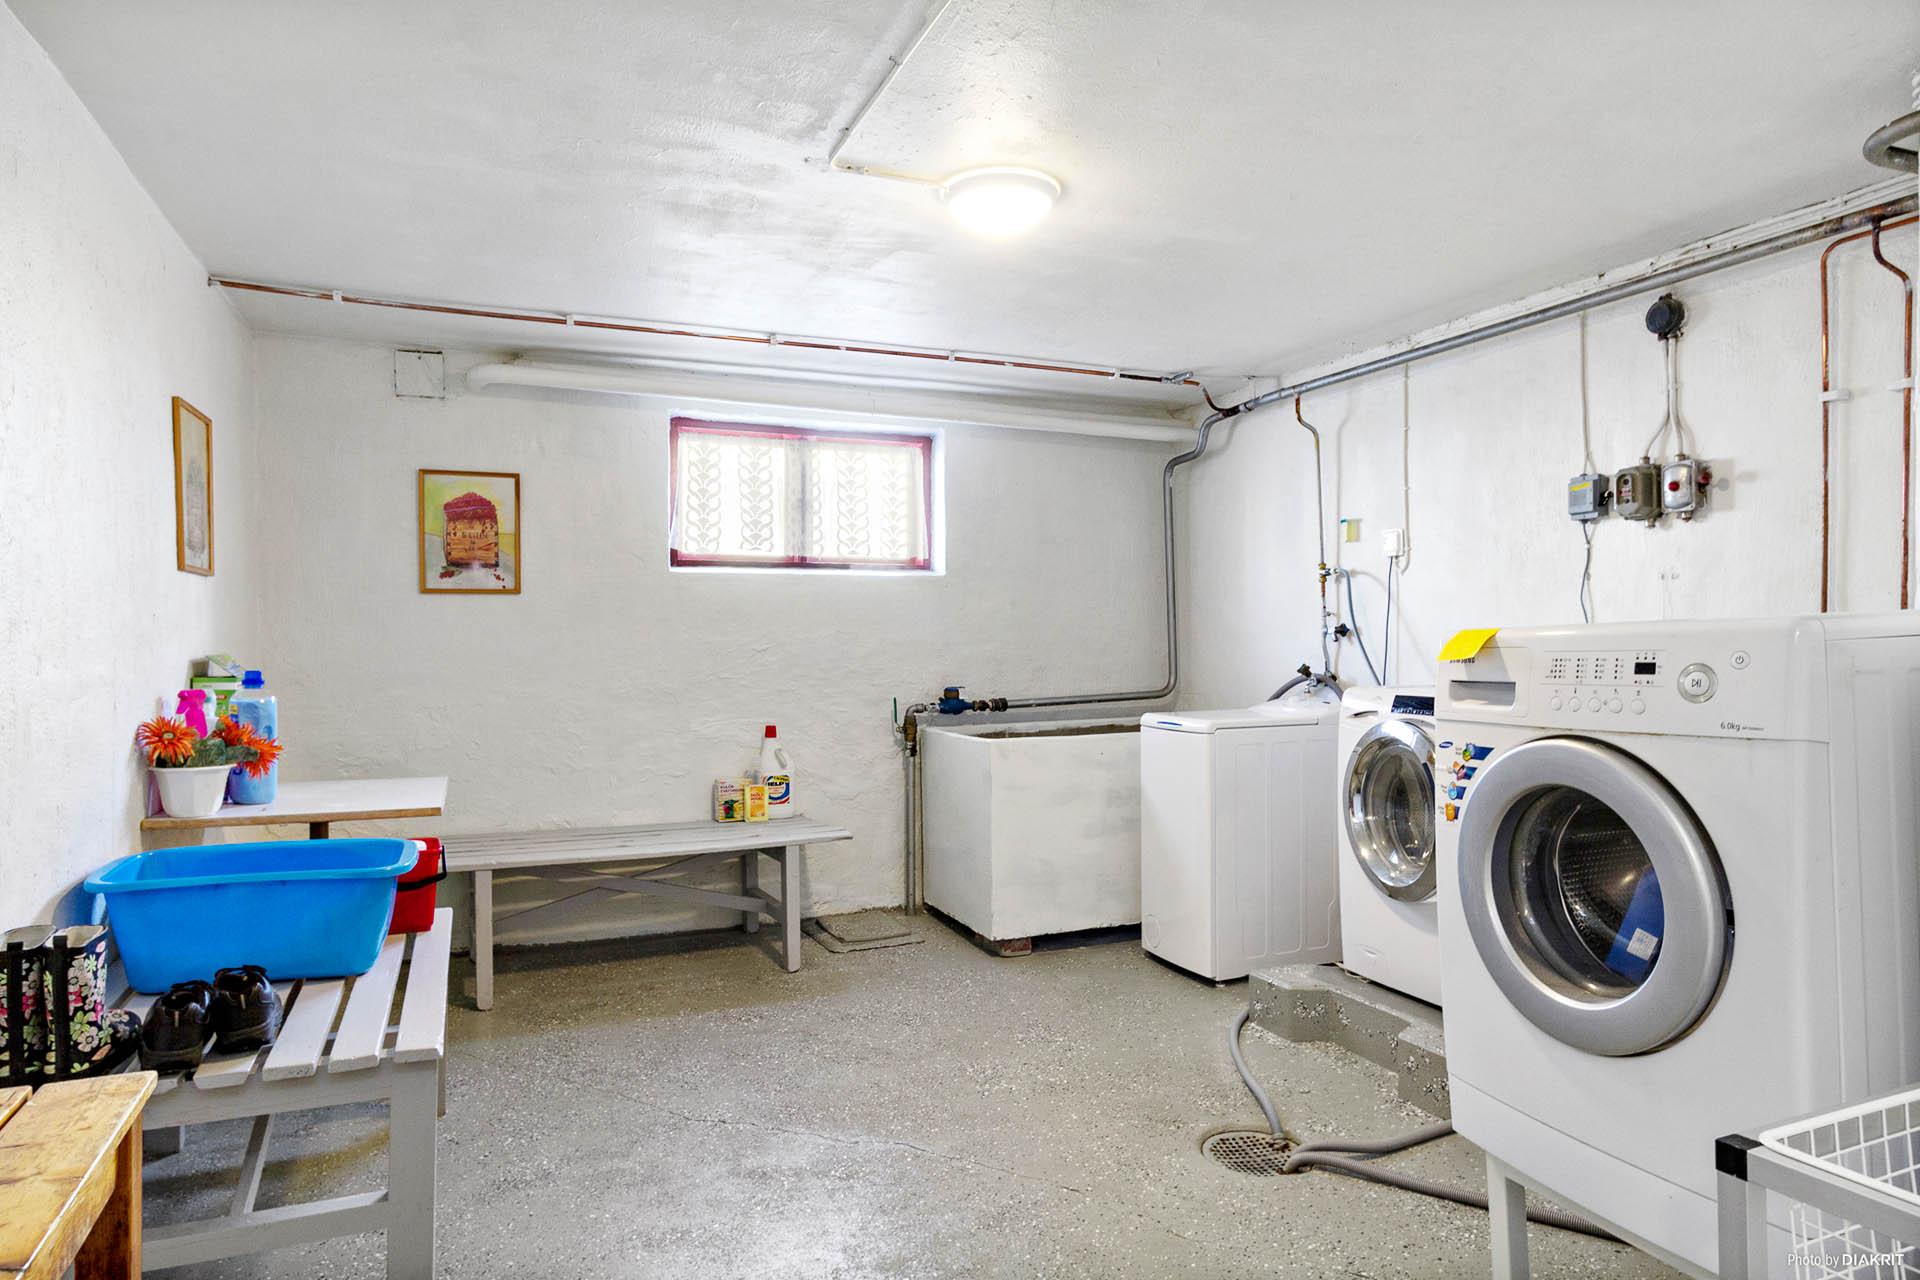 Tvättstuga med egna tvättmaskiner. Tvättmaskinen närmast i bild tillhör lägenheten.